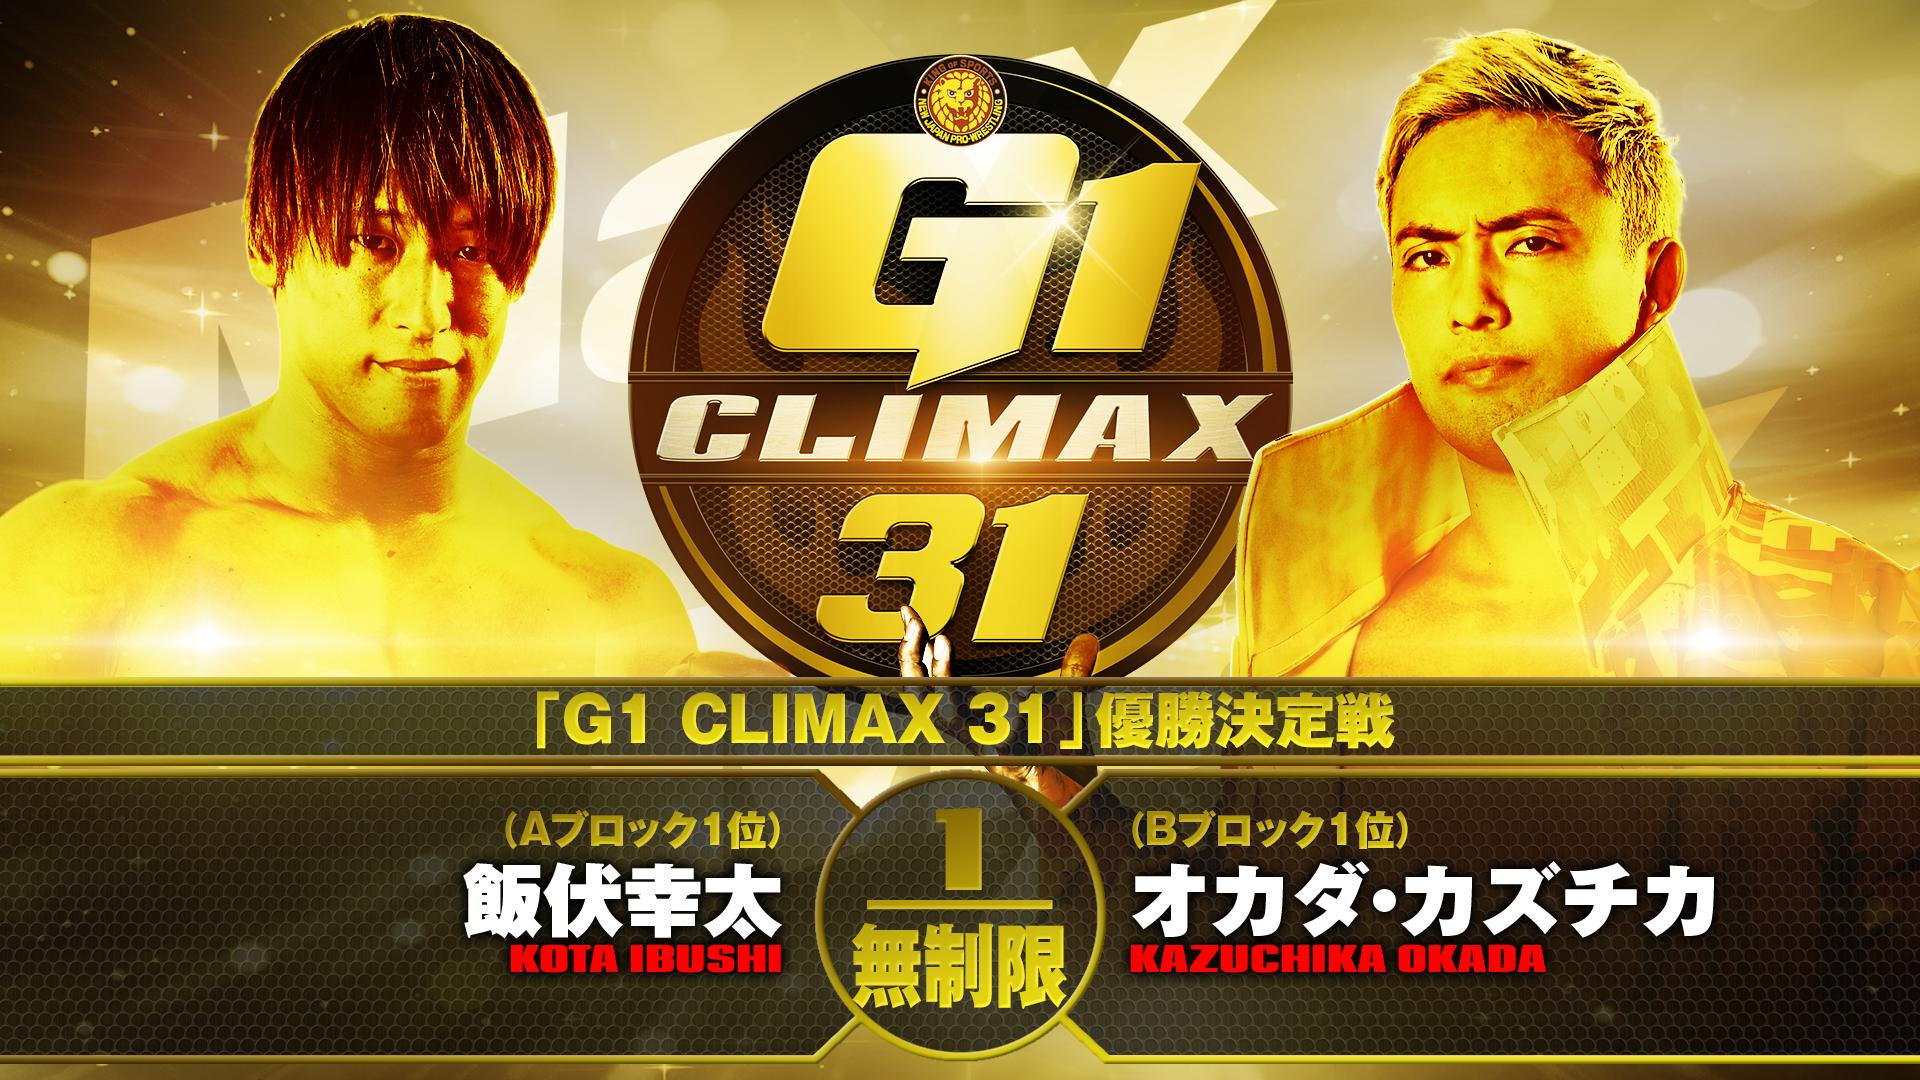 【第5試合】結果速報!新日本プロレス 2021年10月21日『G1 CLIMAX 31 FINAL』